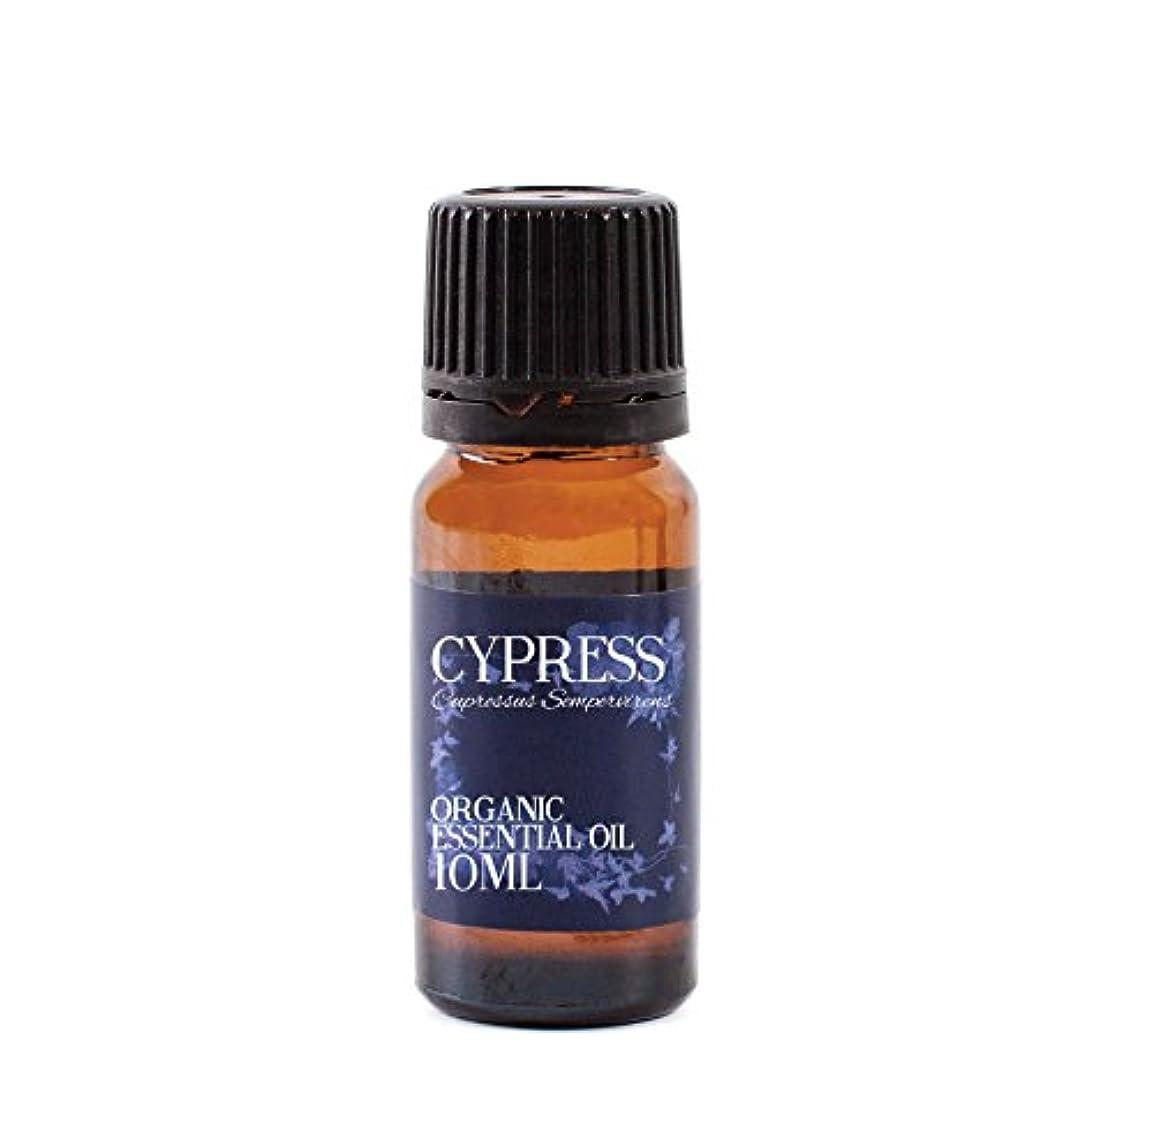 レンダリング臨検組み合わせるCypress Organic Essential Oil - 10ml - 100% Pure